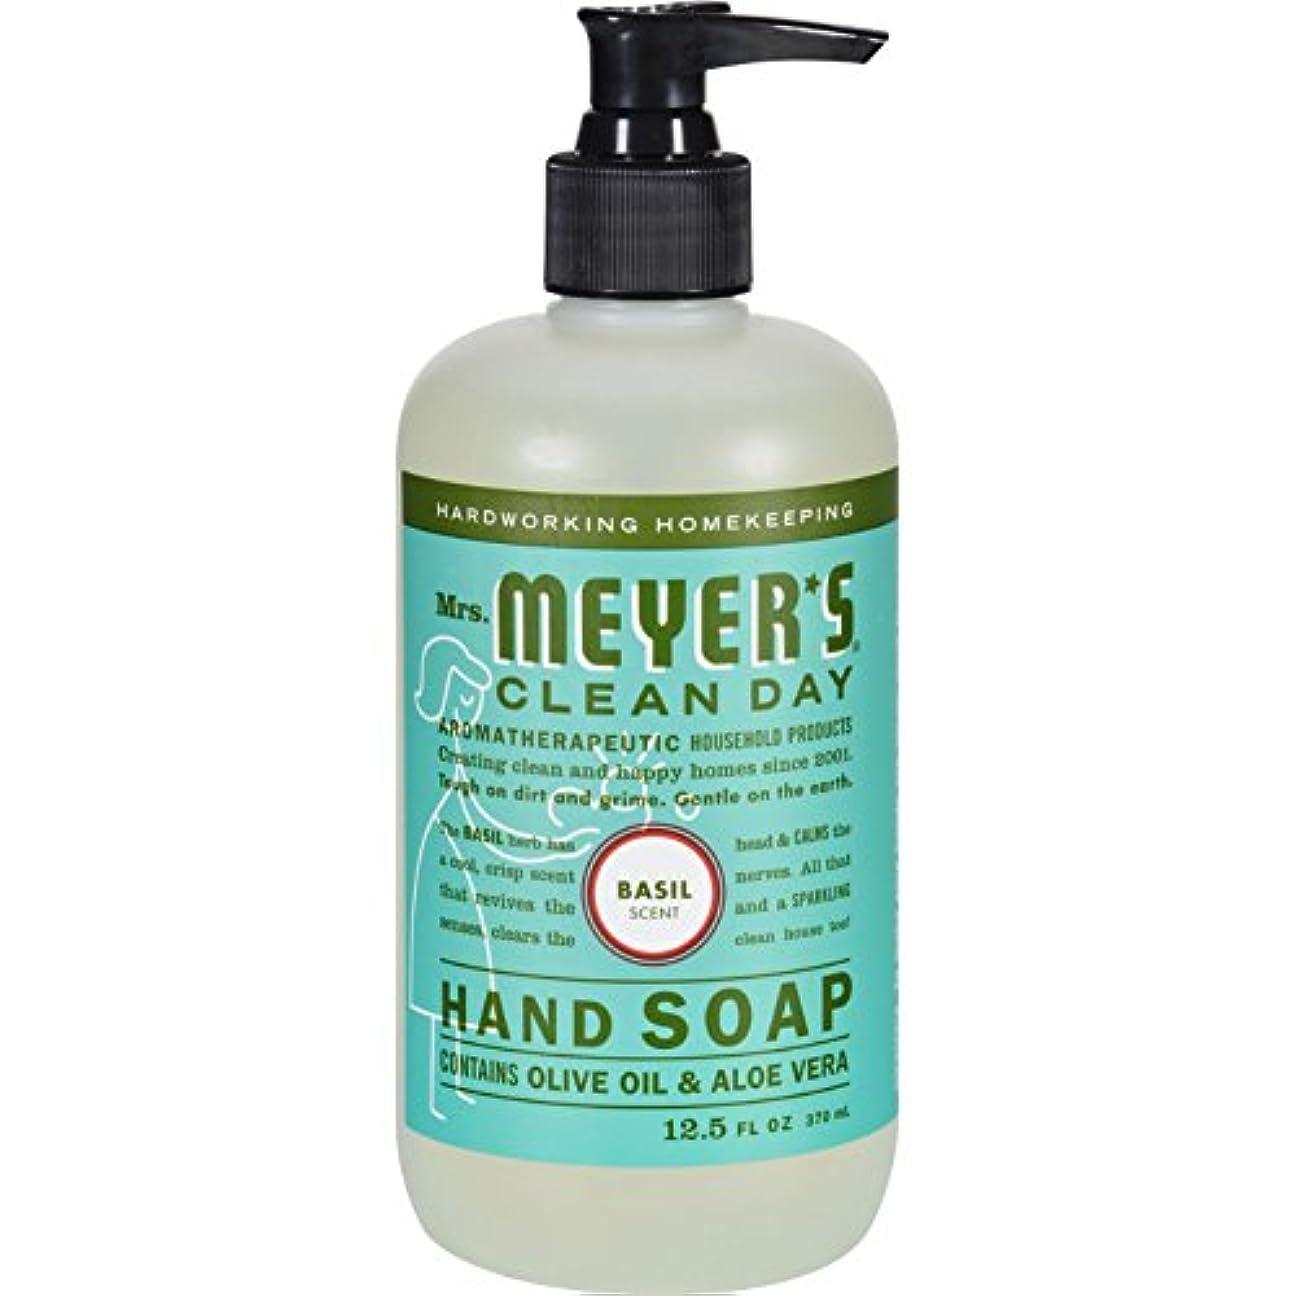 発掘アボートなのでMRS. MEYER'S HAND SOAP,LIQ,BASIL, 12.5 FZ by Mrs. Meyer's Clean Day